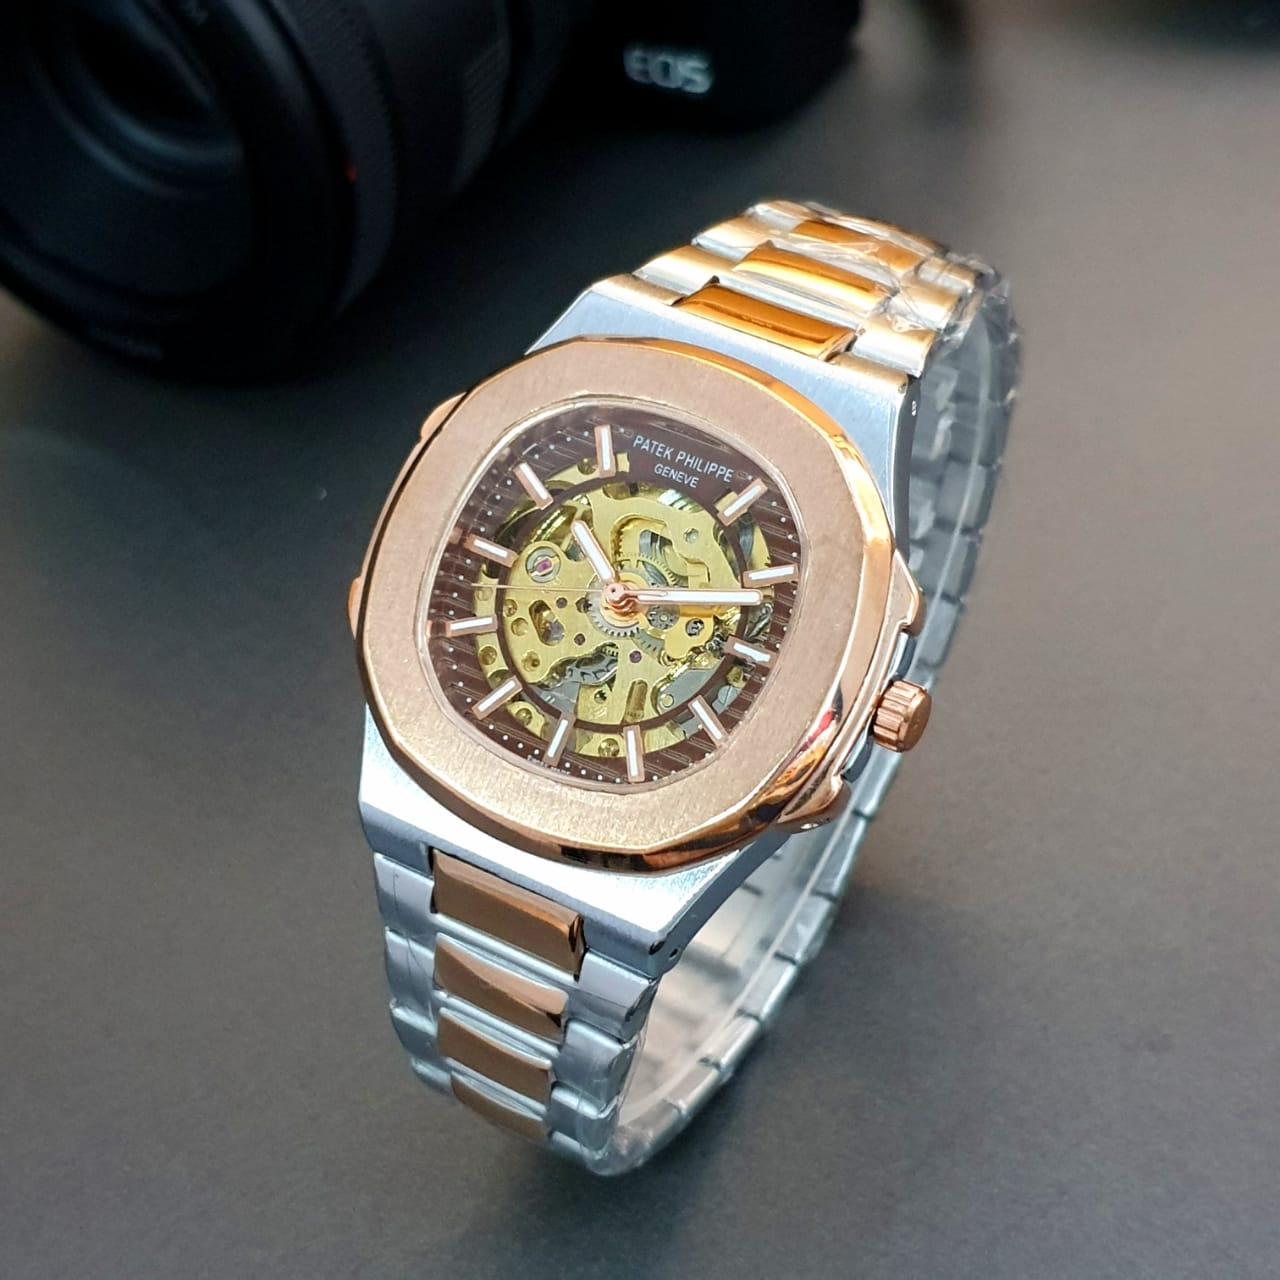 (fourever store) promo jam tangan pp matic 42mm